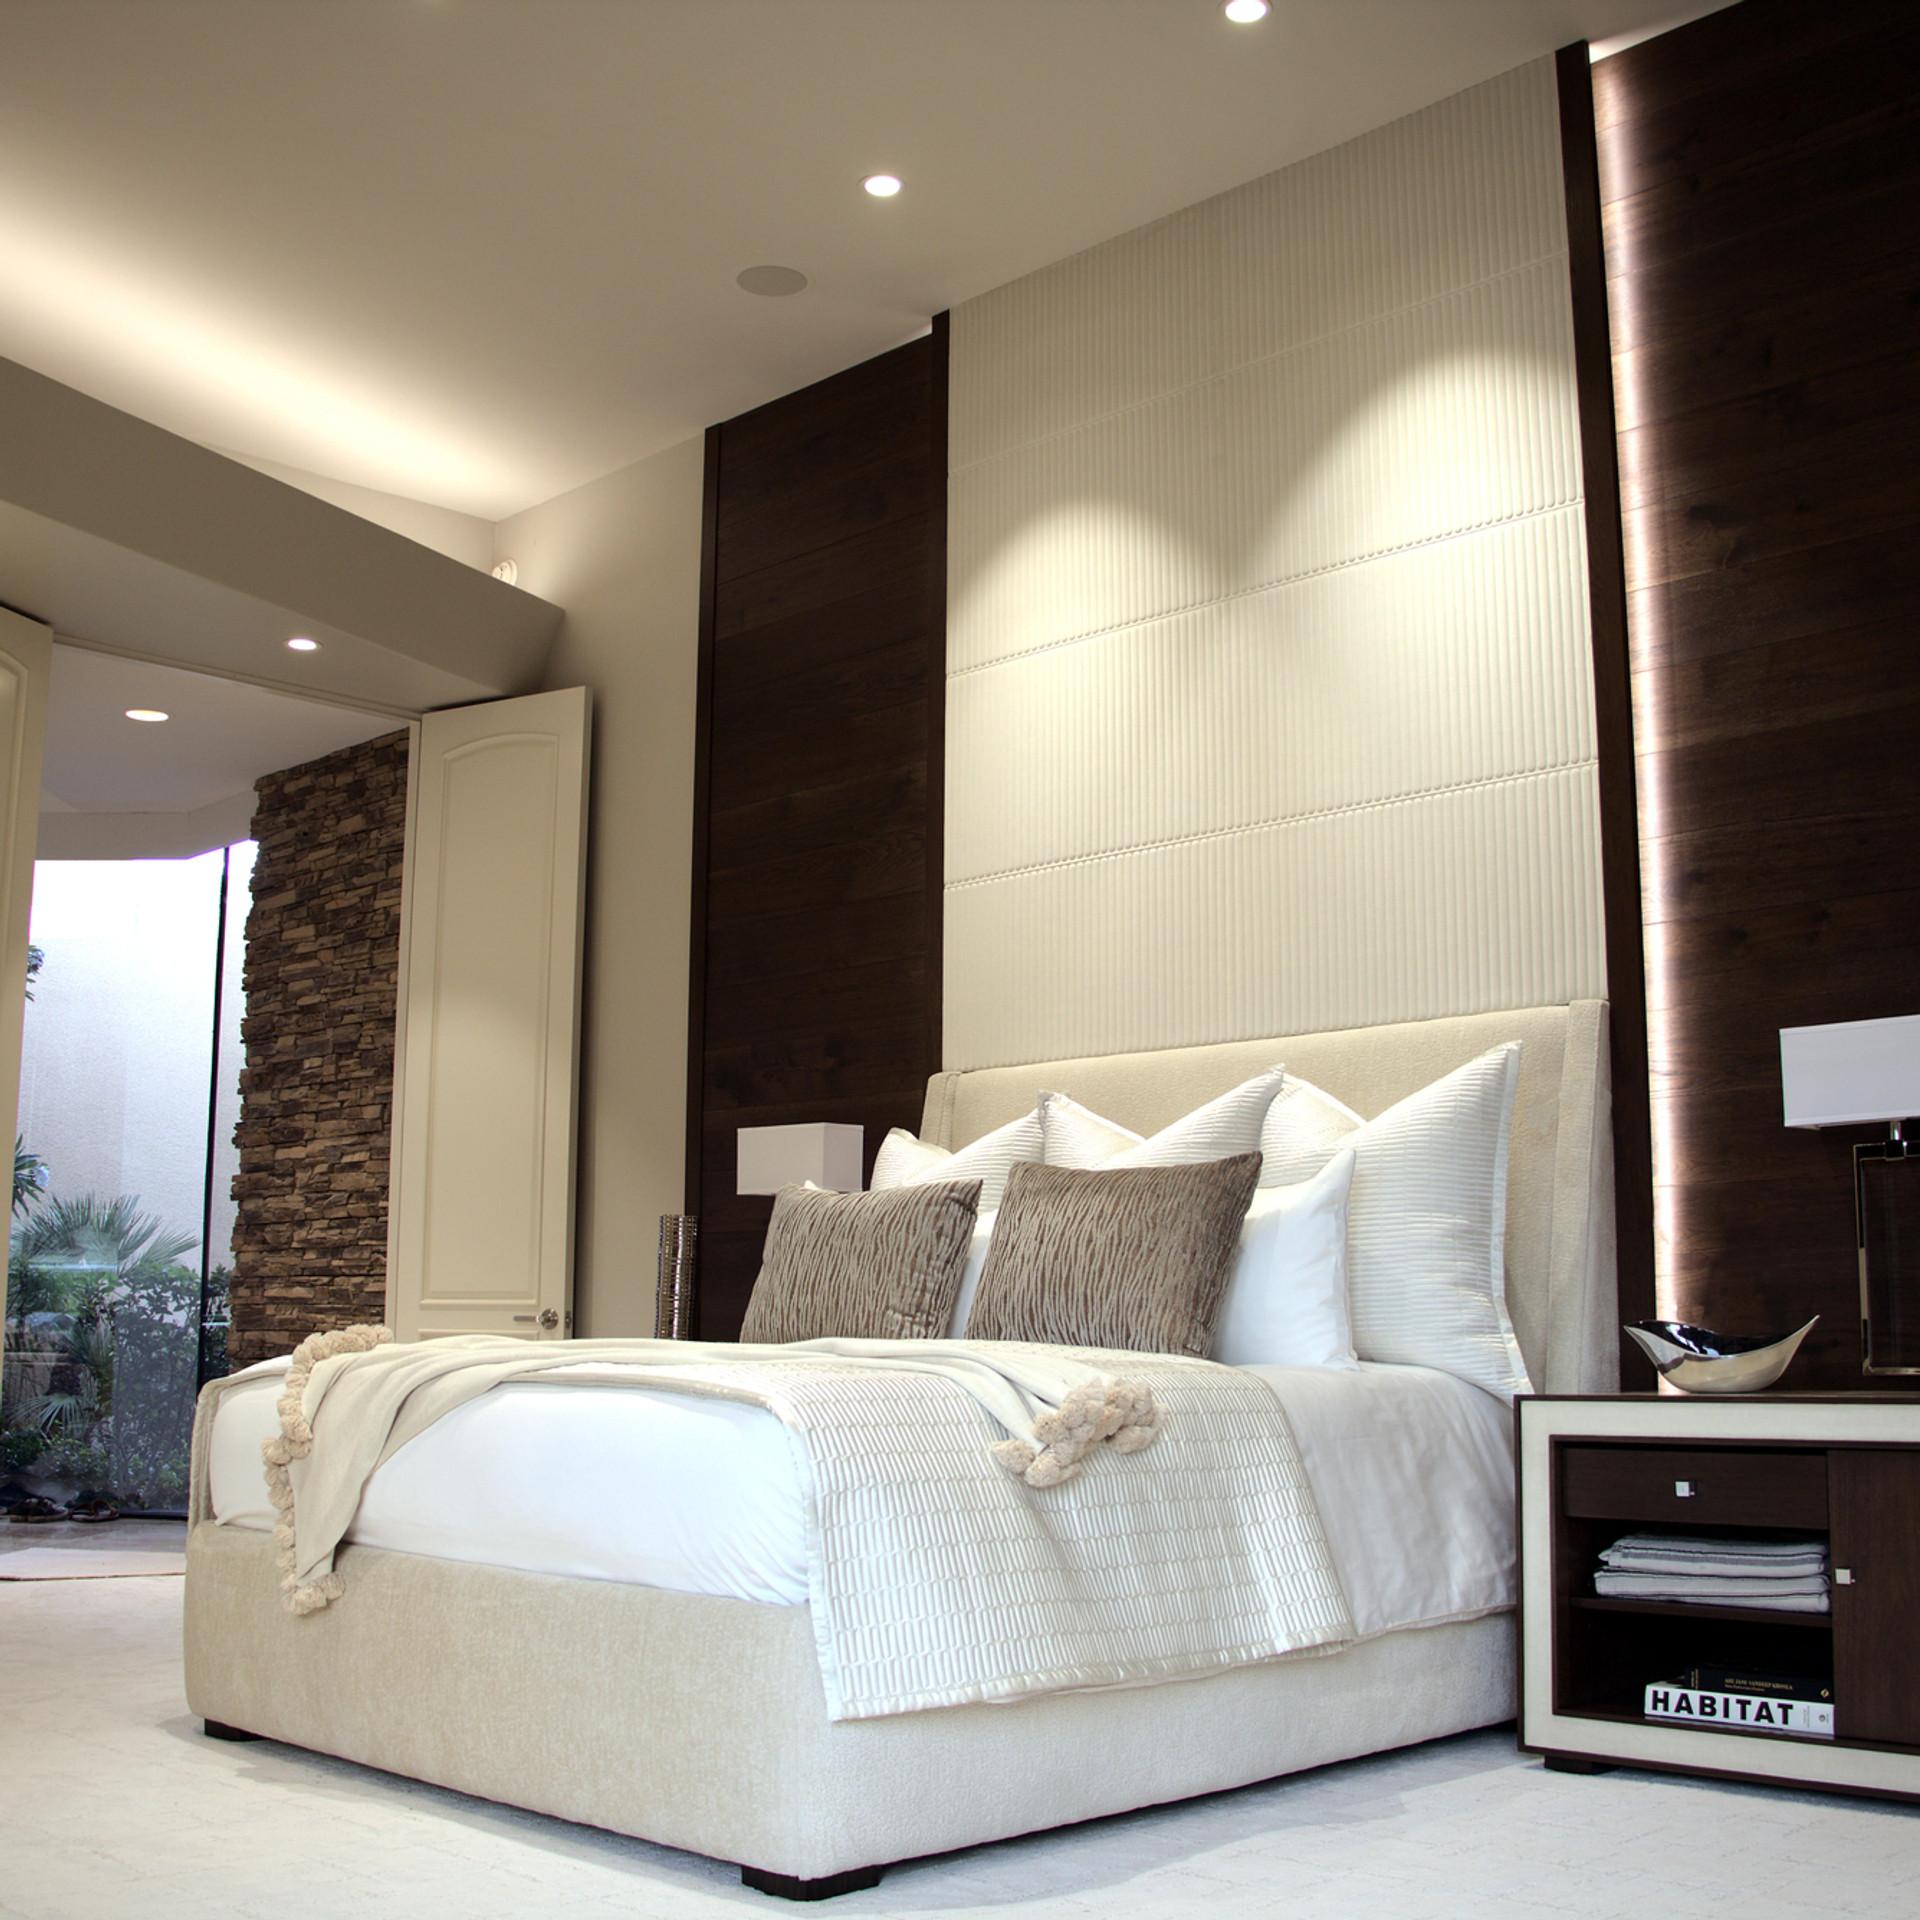 Bed2lightremoved.jpg